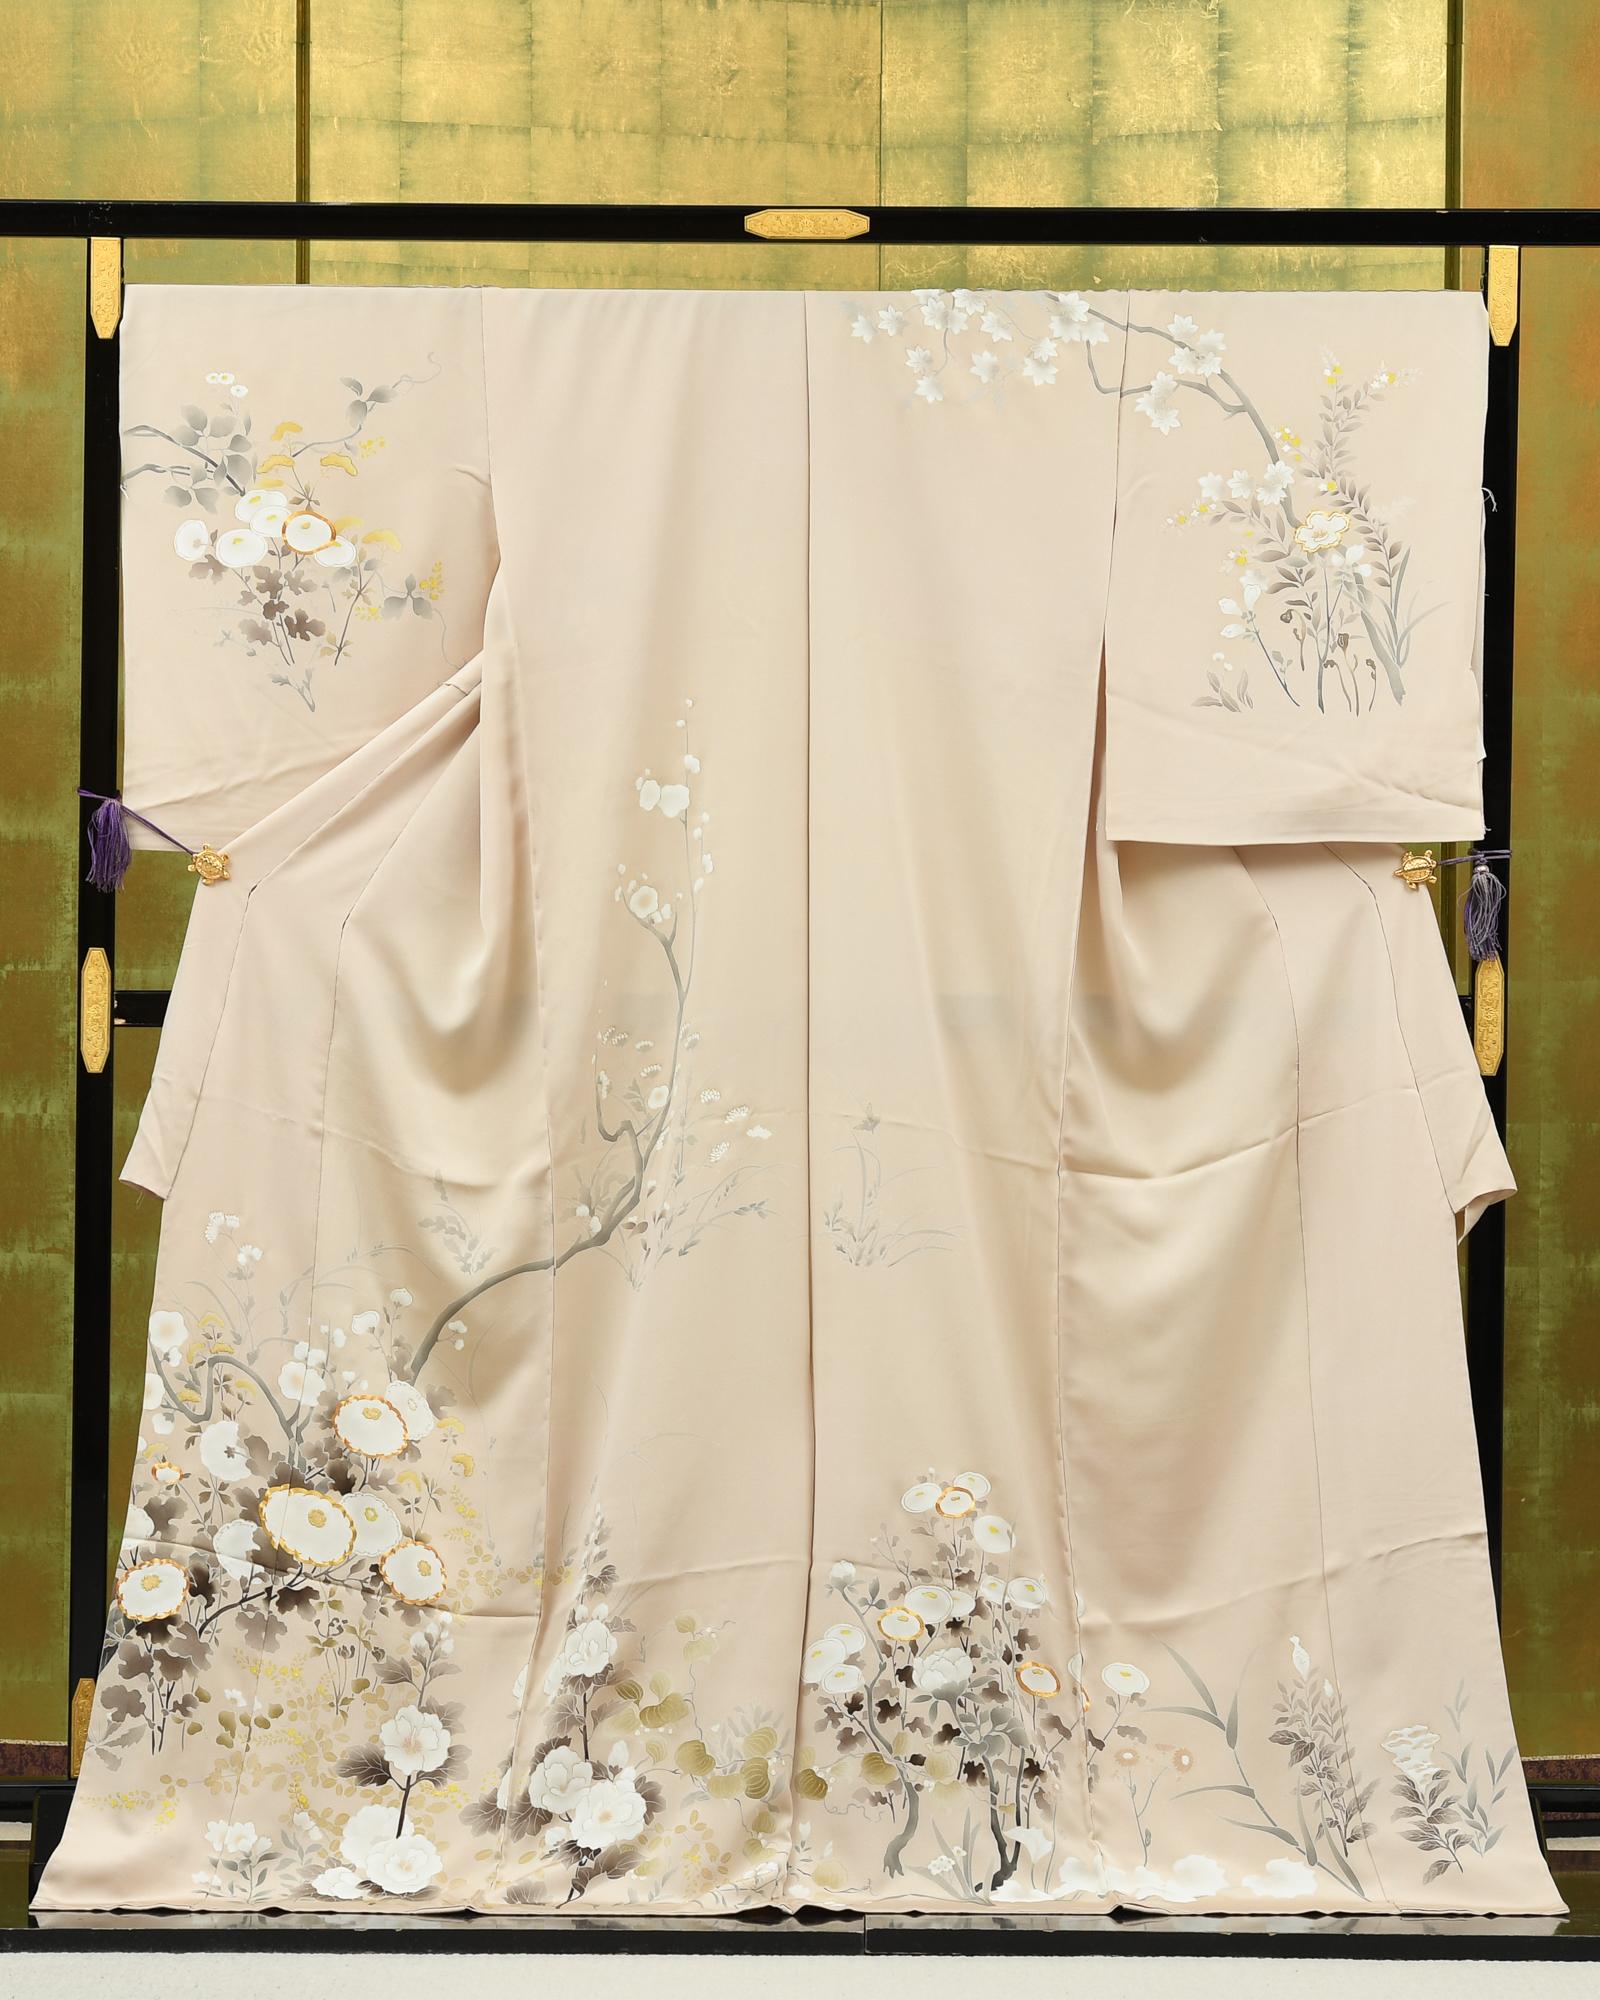 【最高級訪問着オーダーレンタル】オーダーレンタル訪問着・成謙謹製「ベージュ地・菊柄」品番:order202102